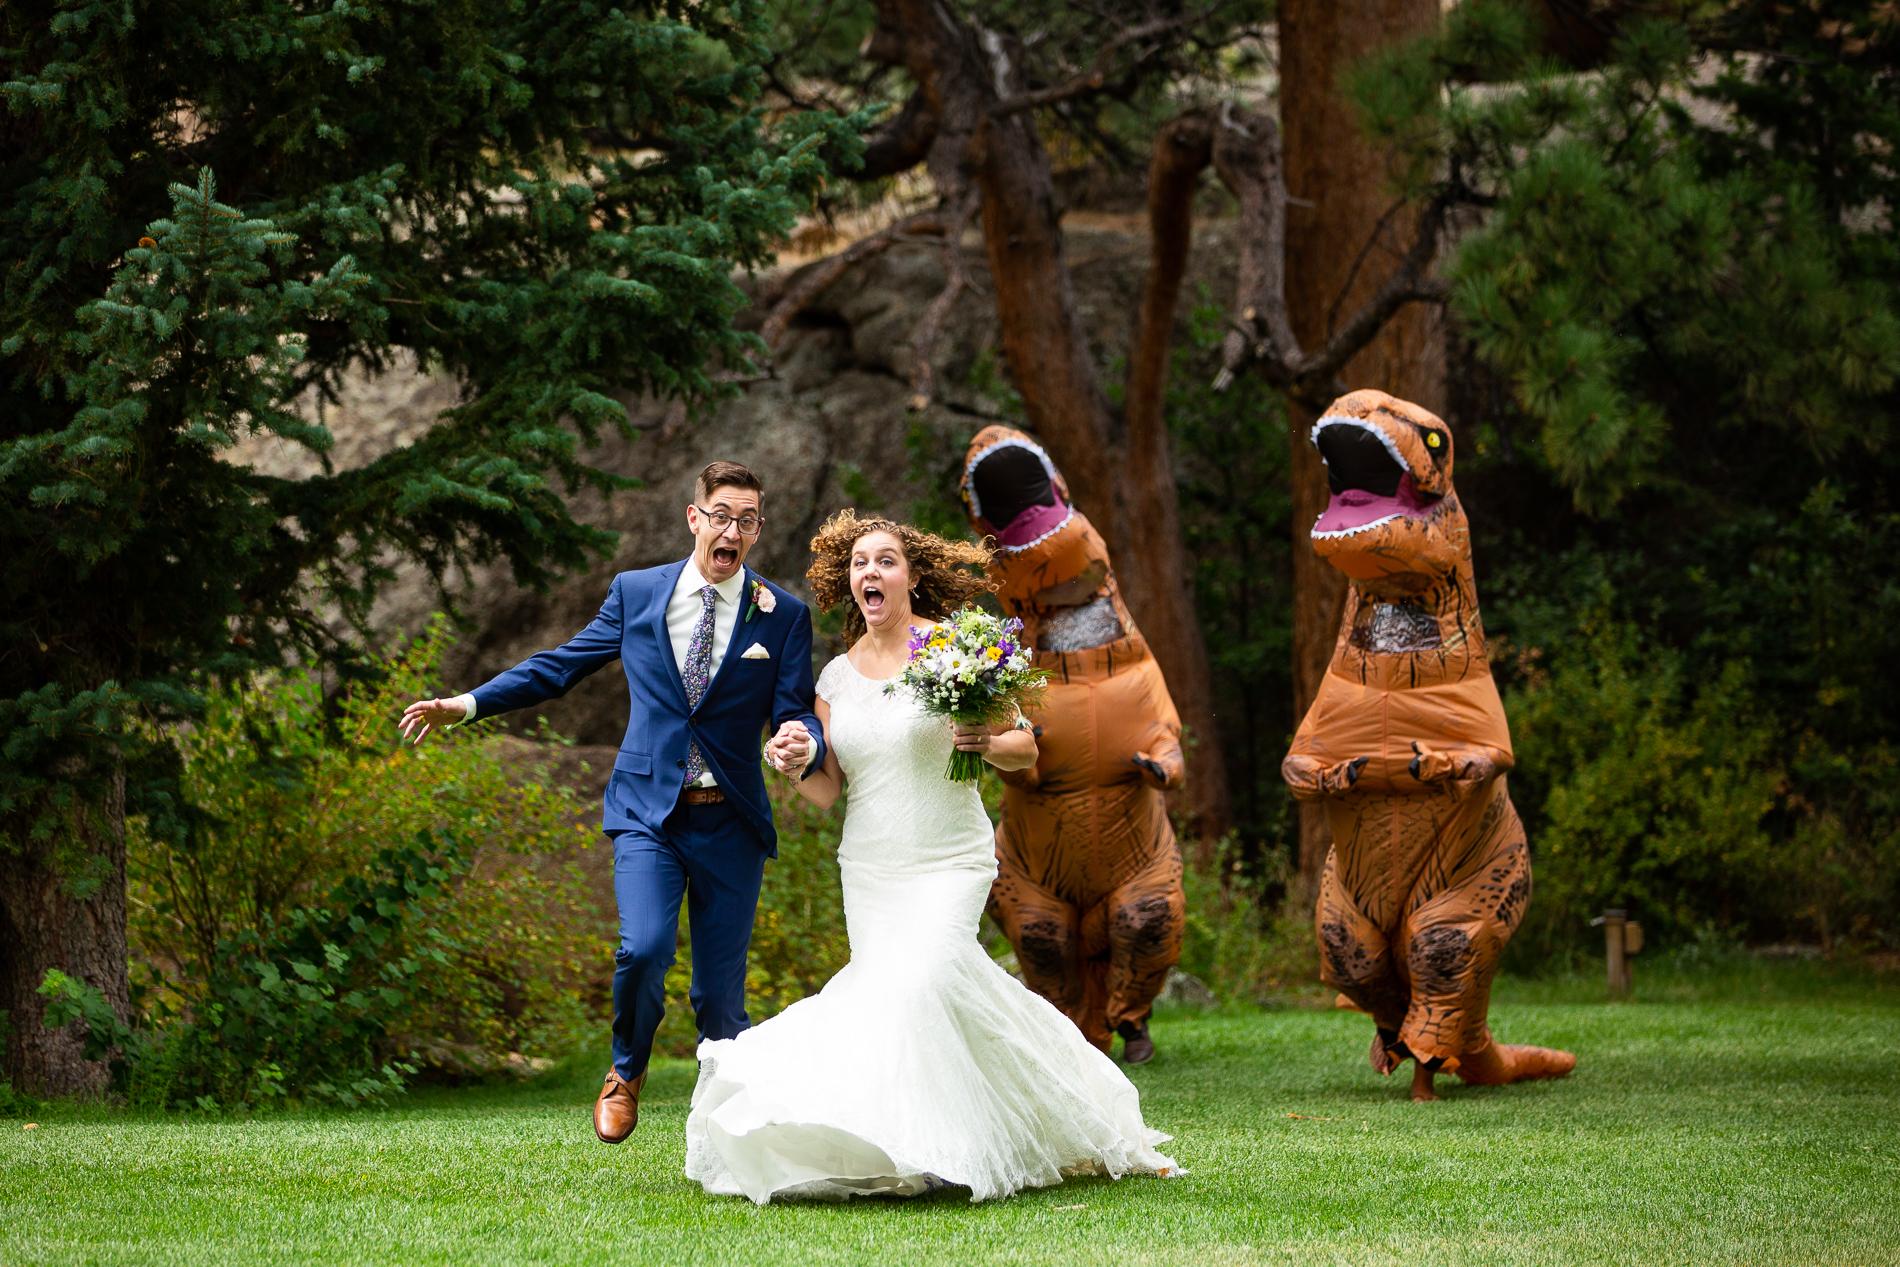 Le couple a été poursuivi par leurs deux seuls invités vêtus de costumes de dinosaures gonflables géants après la cérémonie. Les quatre d'entre eux ont décidé de s'amuser le plus possible au Black Canyon Inn, Estes Park Colorado, USA